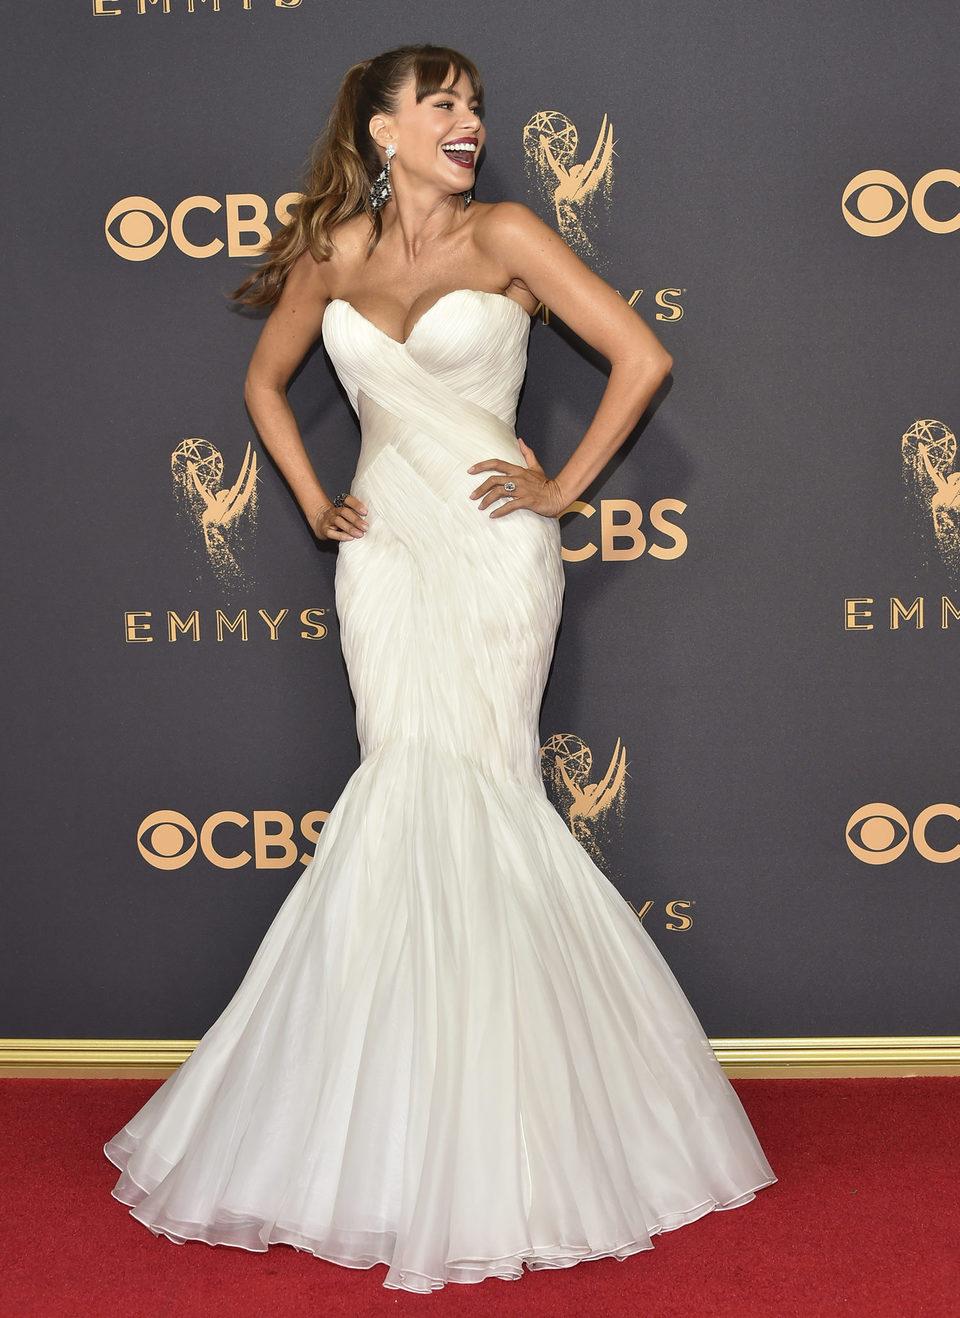 Sofia Vergara at the Emmys 2017 red carpet